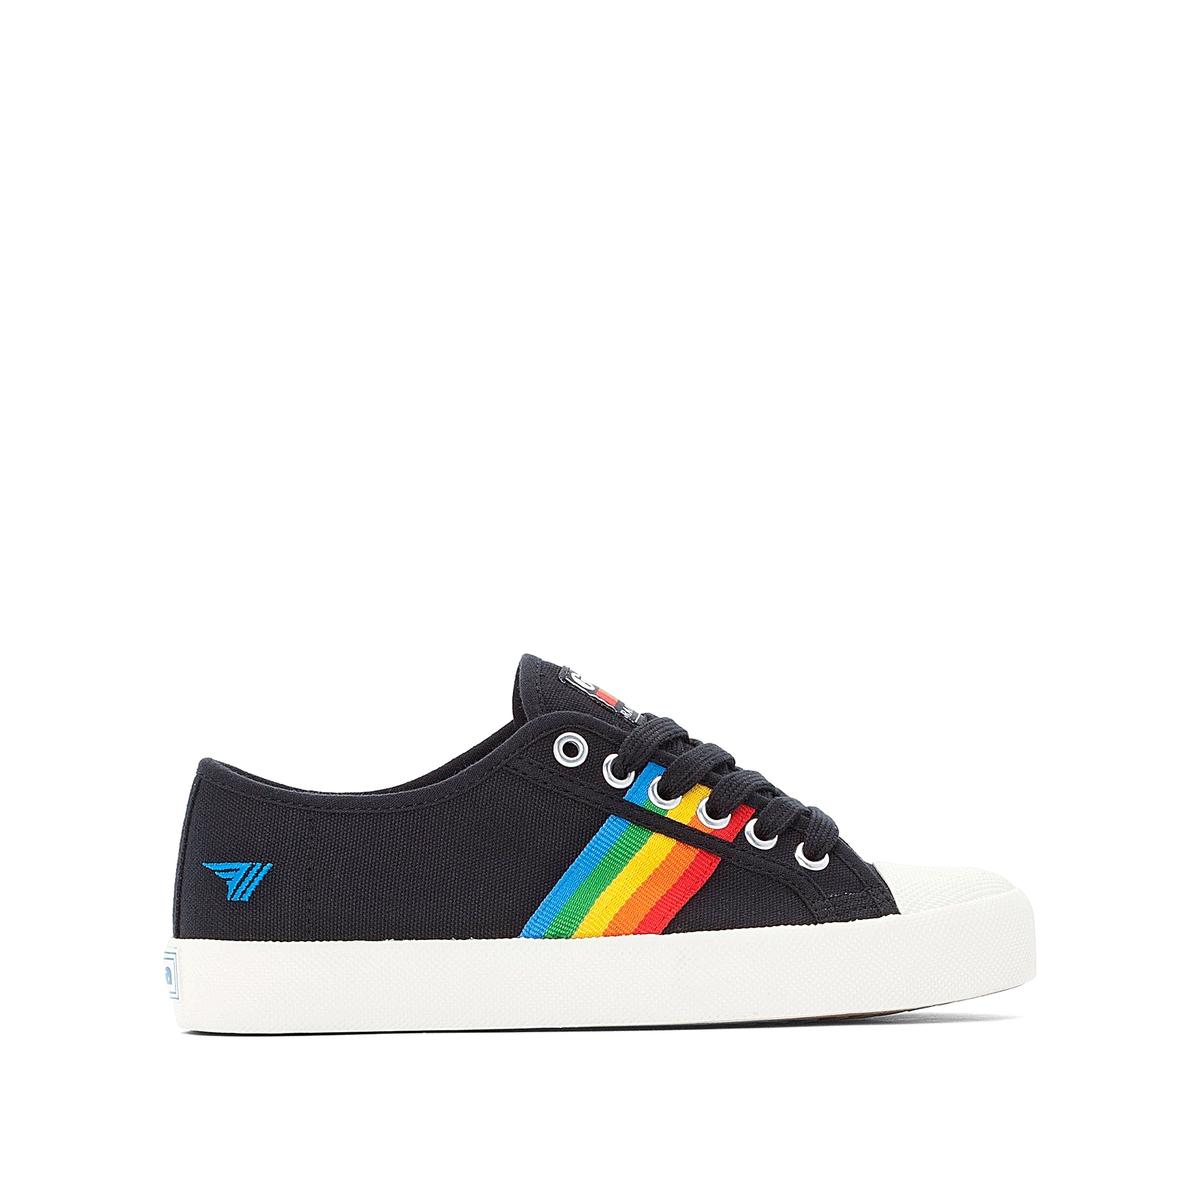 Imagen principal de producto de Zapatillas Coaster Rainbow - Gola